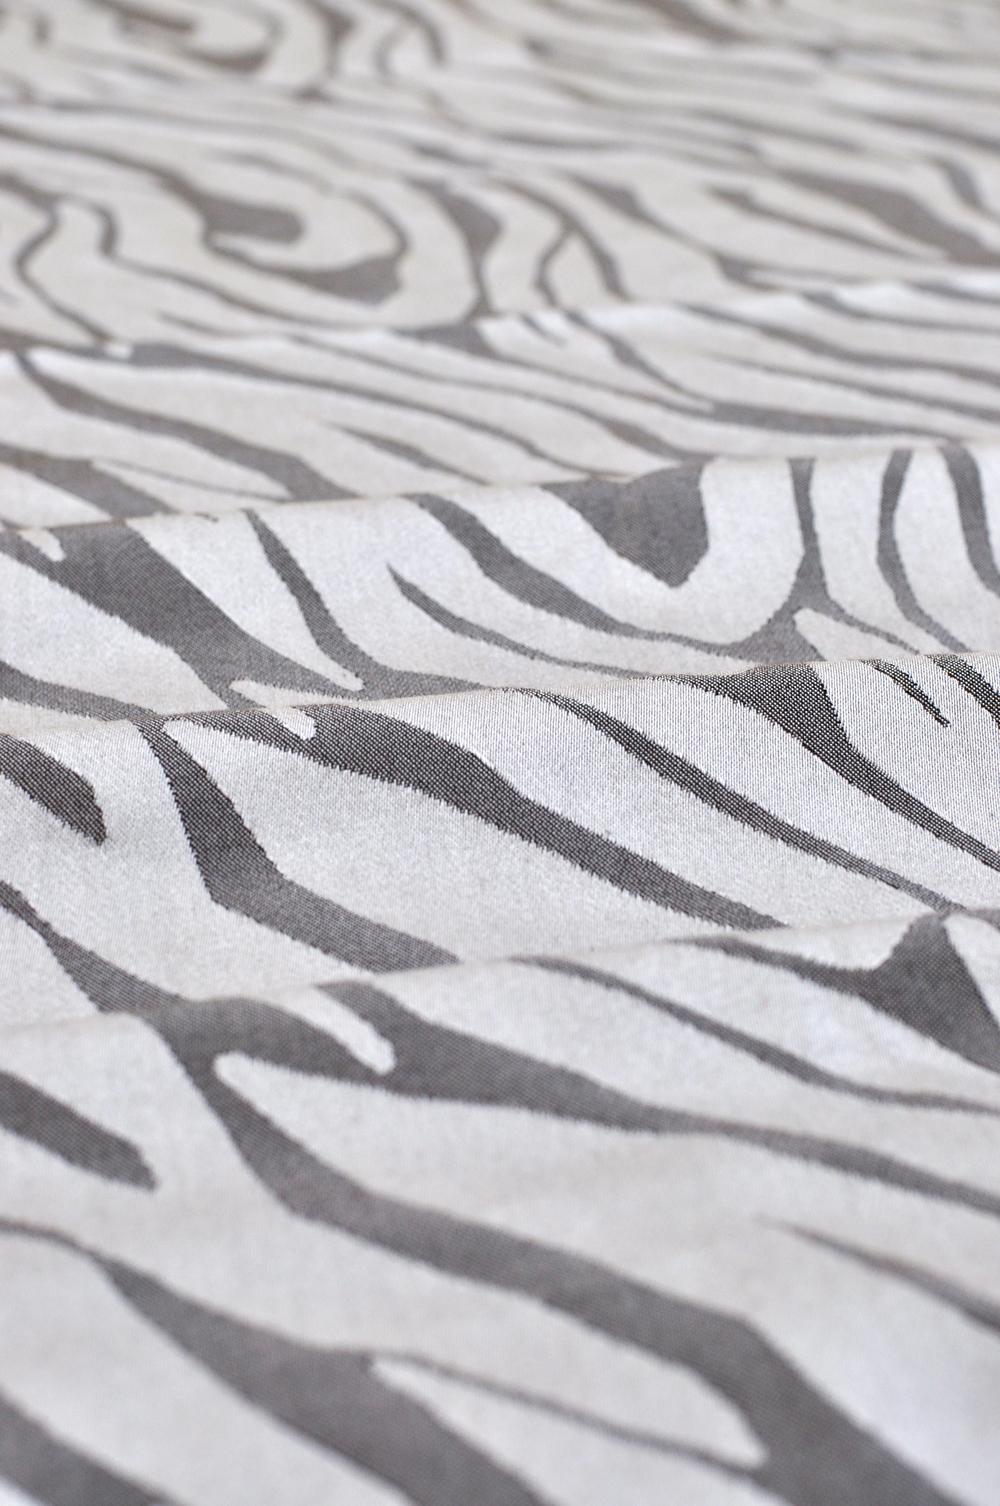 Zebra - 06.jpg